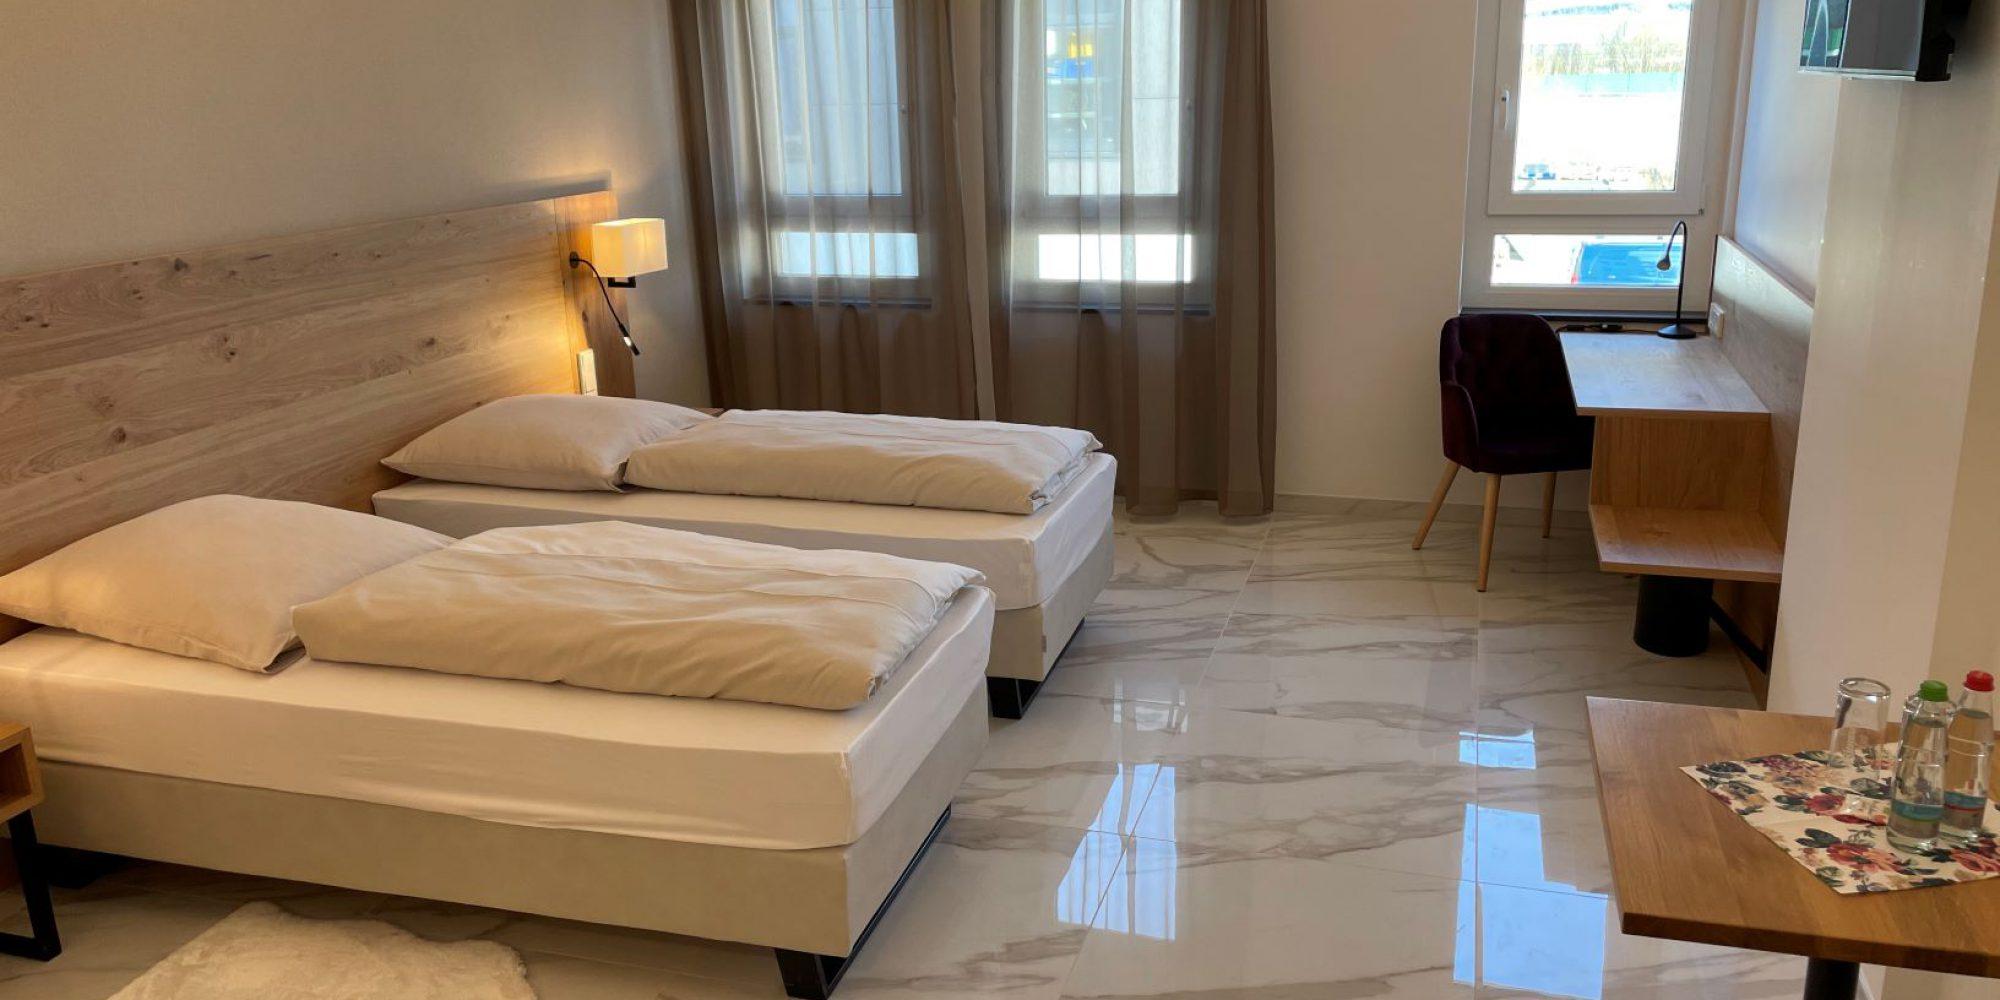 Hotel Pöllners Zweibettzimmer